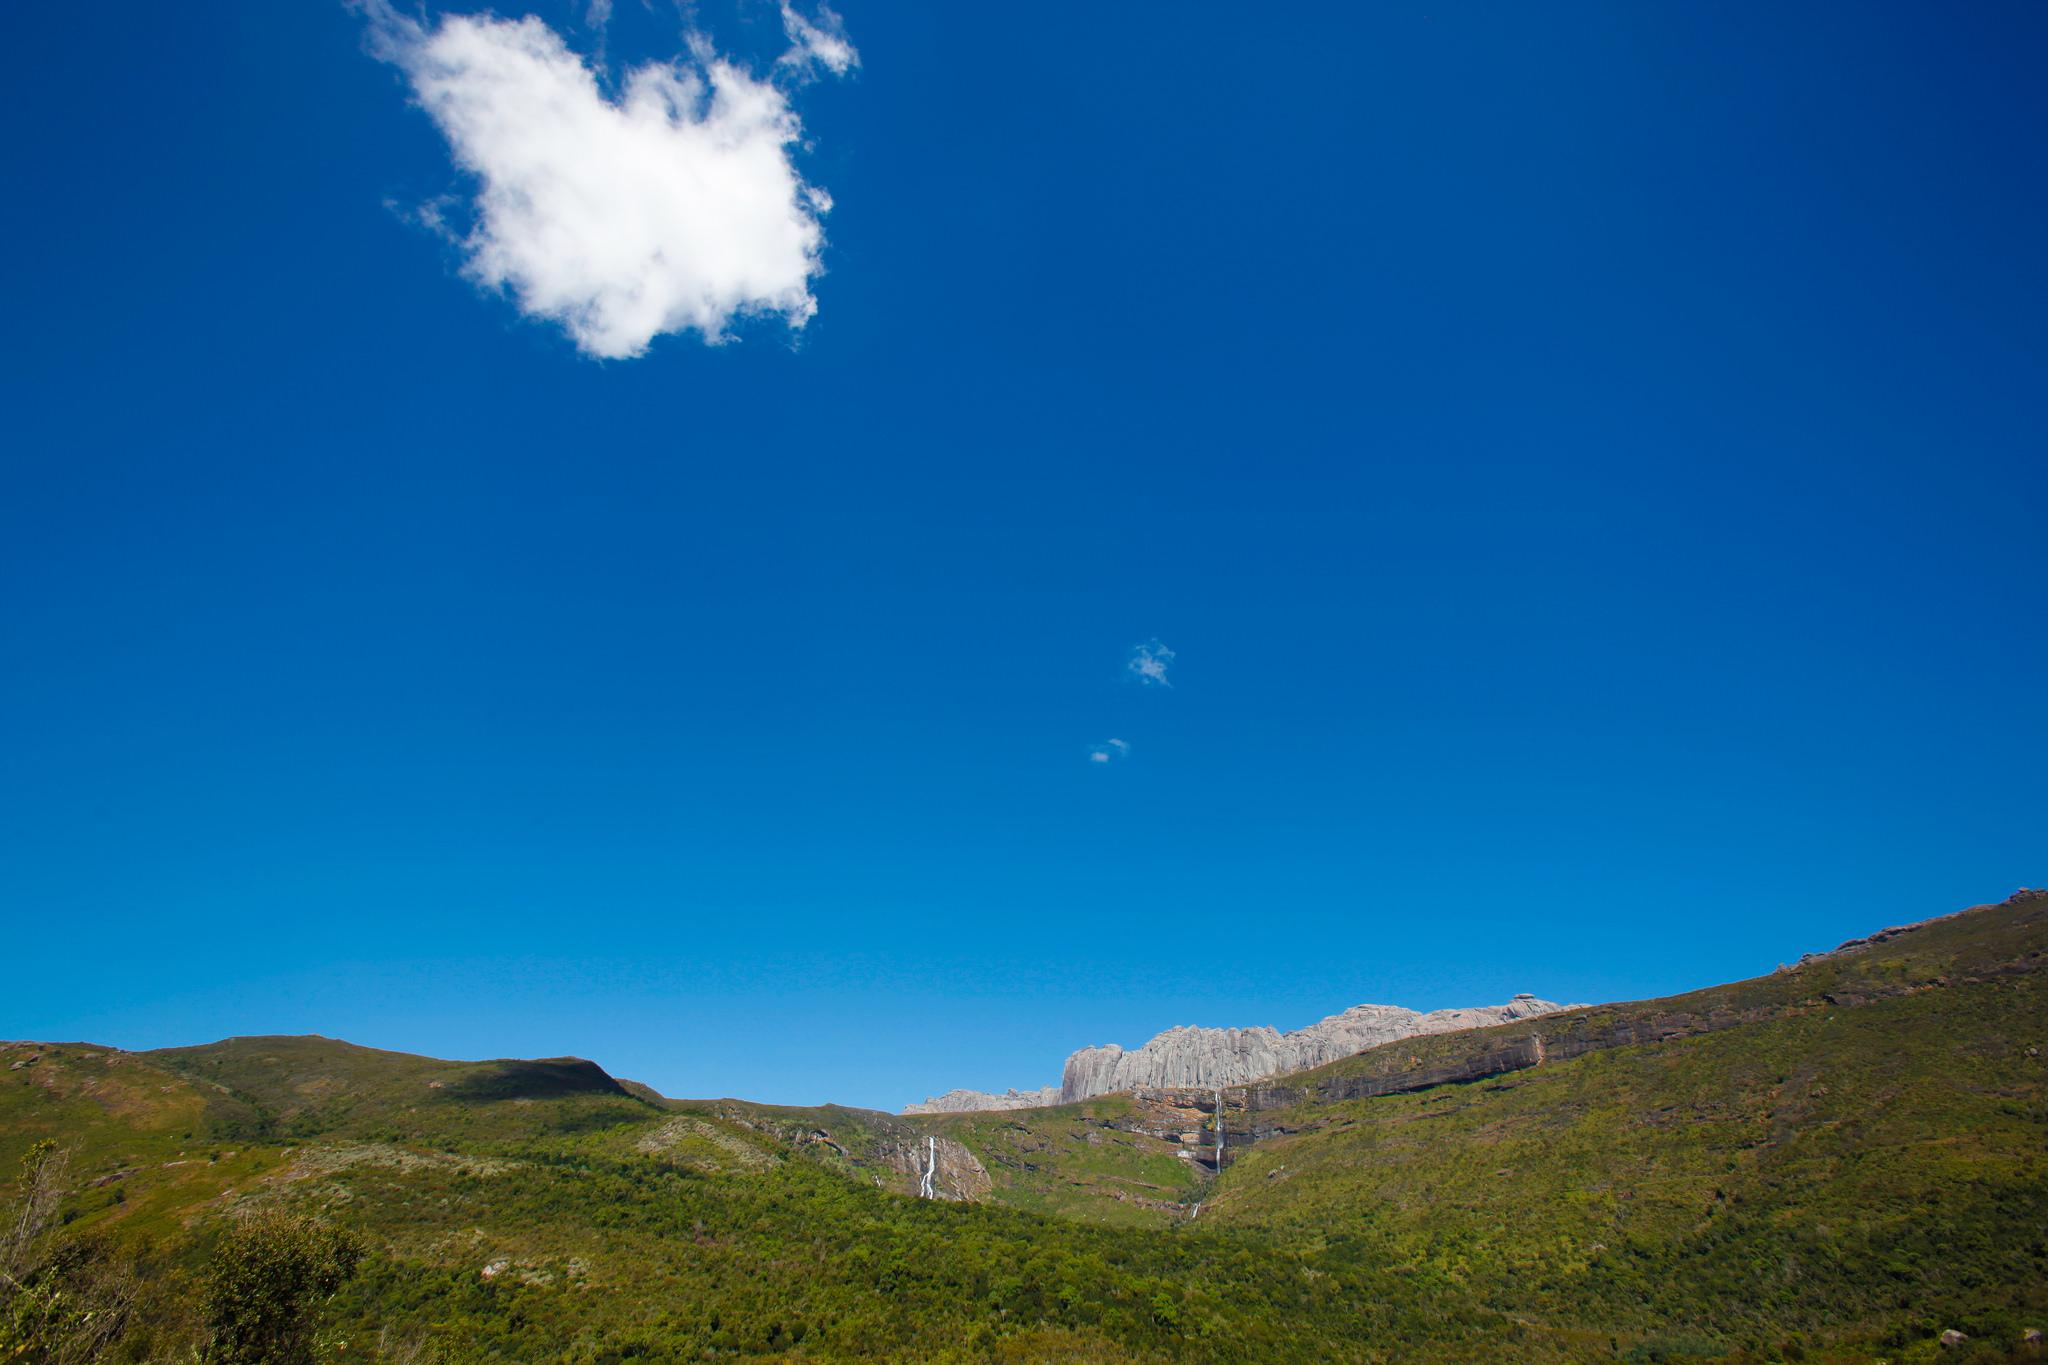 Observation nature un voyage au c ur de madagascar office national du tourisme de madagascar - Office national du tourisme madagascar ...